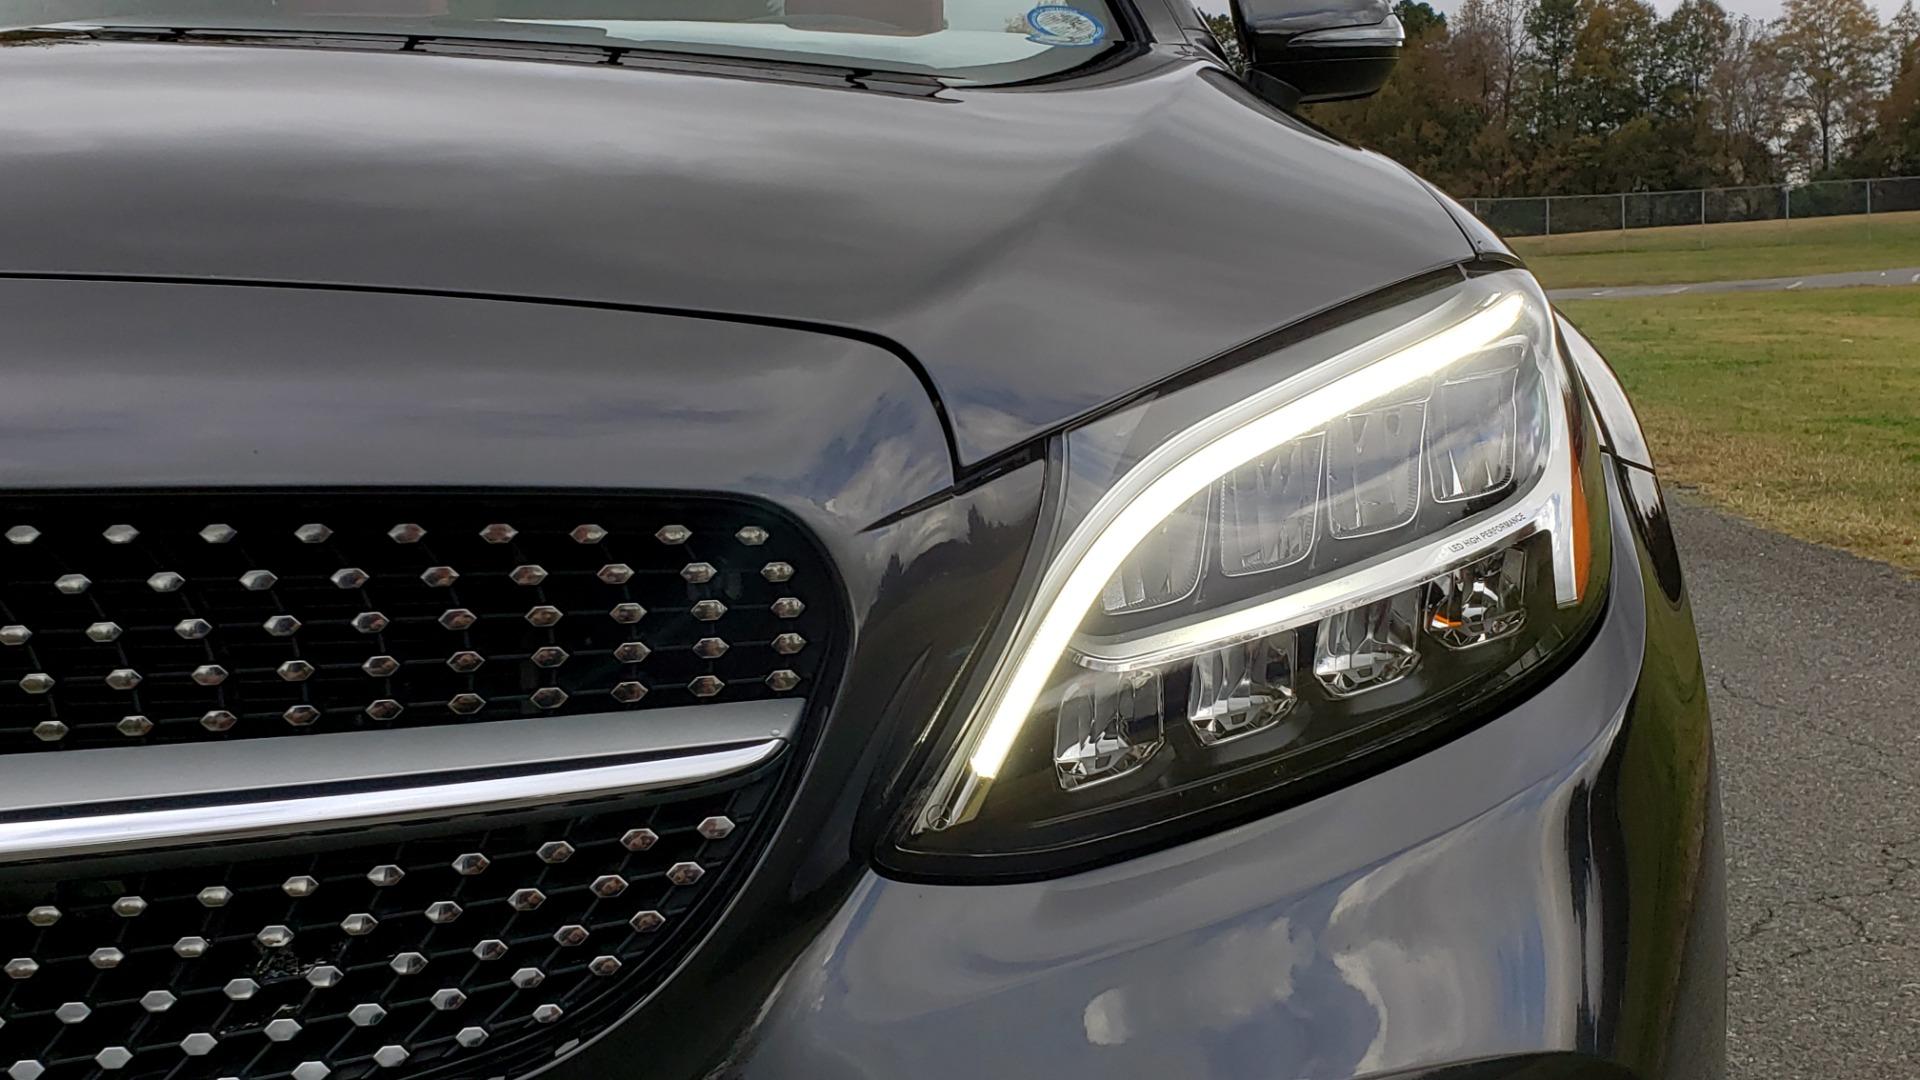 Used 2019 Mercedes-Benz C-CLASS C 300 CABRIOLET / PREM PKG / NAV / BURMESTER / MULTIMEDIA for sale Sold at Formula Imports in Charlotte NC 28227 17